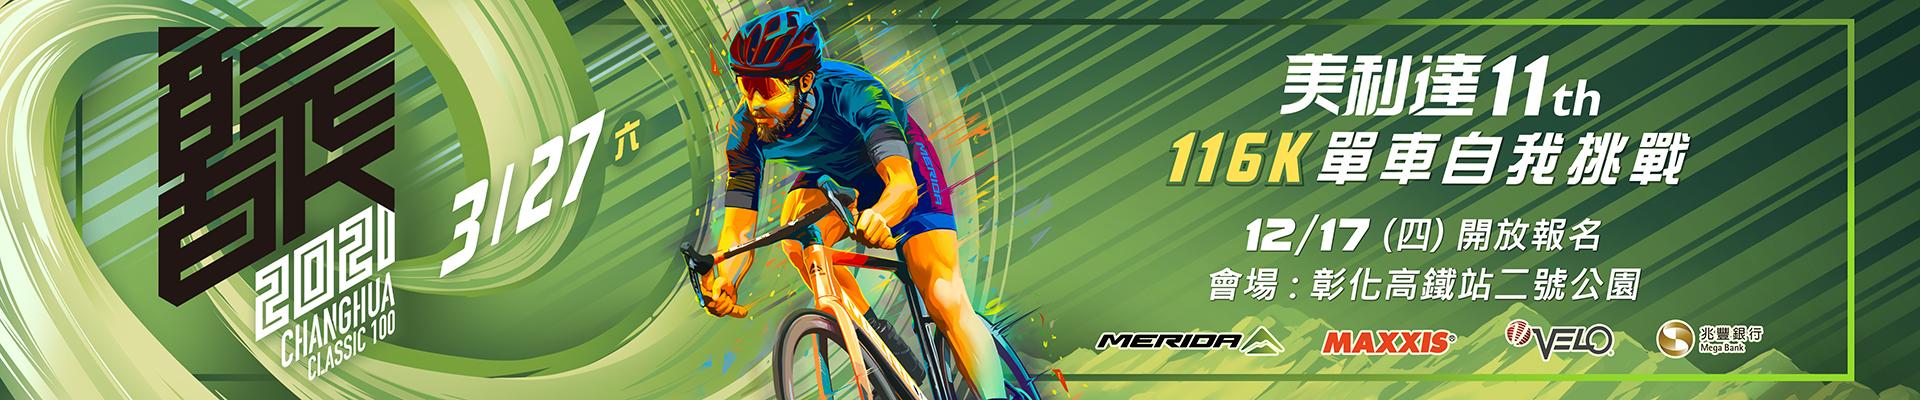 美利達2021(第11屆)彰化經典百K Changhua Classic 100單車自我挑戰-主視覺